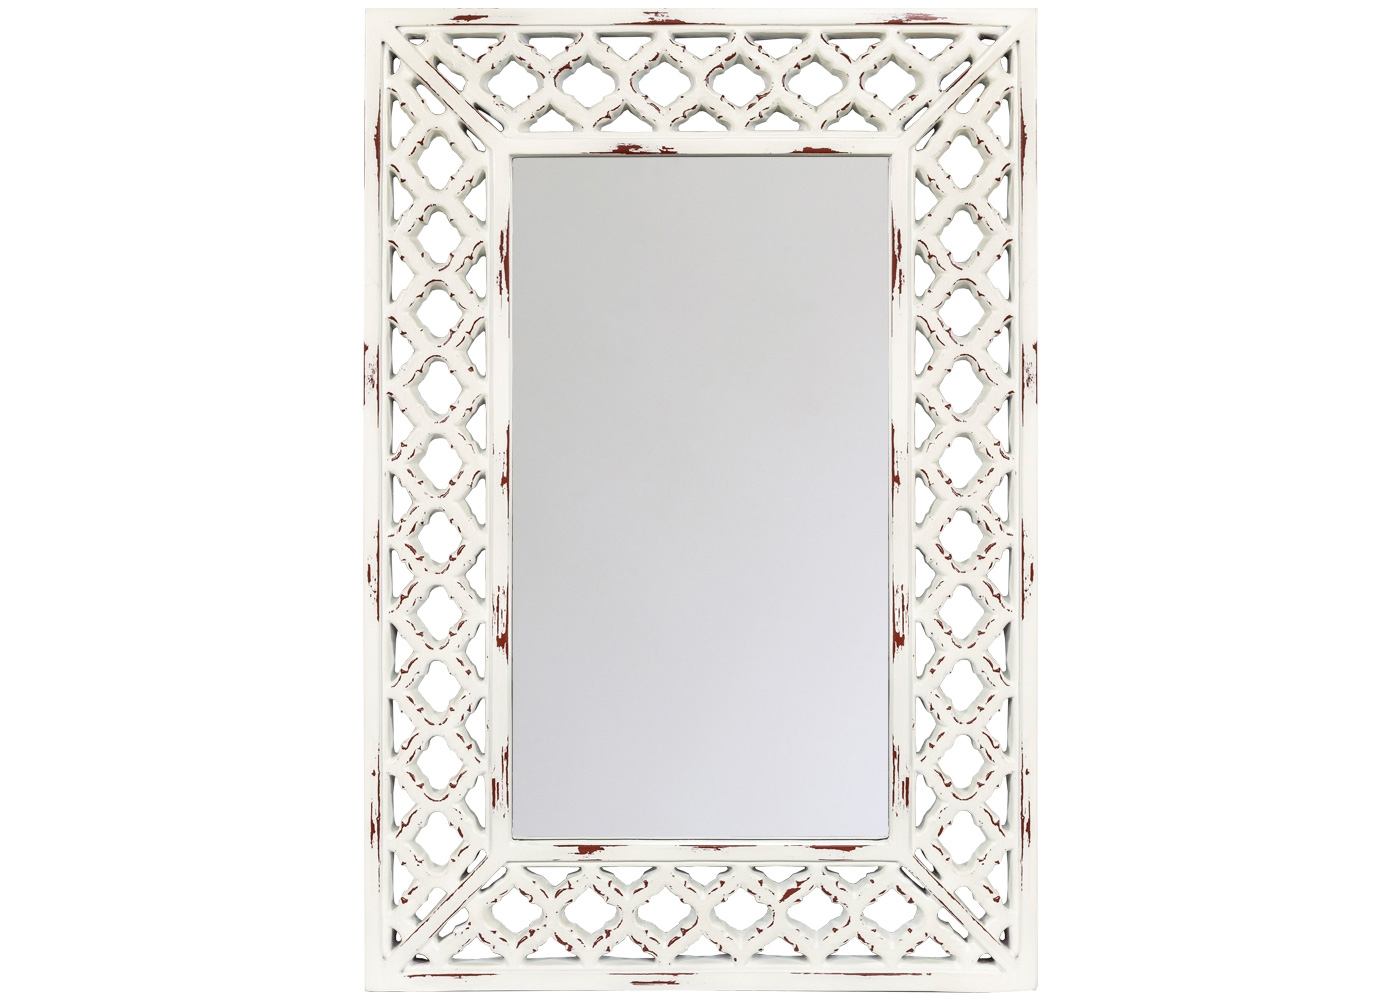 Настенное зеркало «Куин»Настенные зеркала<br>Для предметов интерьера, подражающих вековым орнаментам, необходима специальная обработка поверхности, имитирующая эффект старины: благородная патина обладает специфическим обаянием и теплом. Ещё одним достоинством зеркала &amp;quot;Куин&amp;quot; выступает элегантная фацетная грань, окружающая периметр зеркала и придающая отражениям объемность и глубину.<br><br>Material: Полиуретан<br>Ширина см: 66.0<br>Высота см: 96.0<br>Глубина см: 3.0